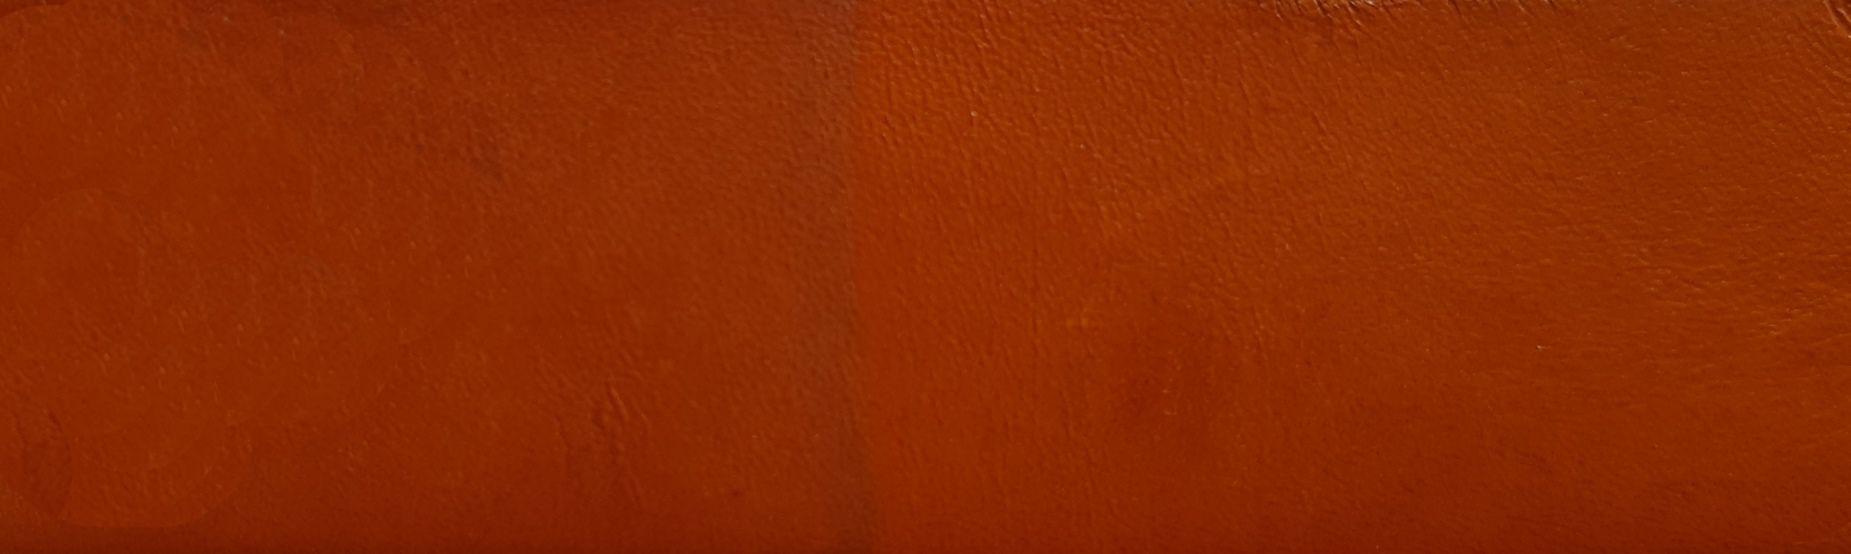 Tinta Para Couro cor caramelo AL / Sola / Selaria 1lt.- Fabricação Própria